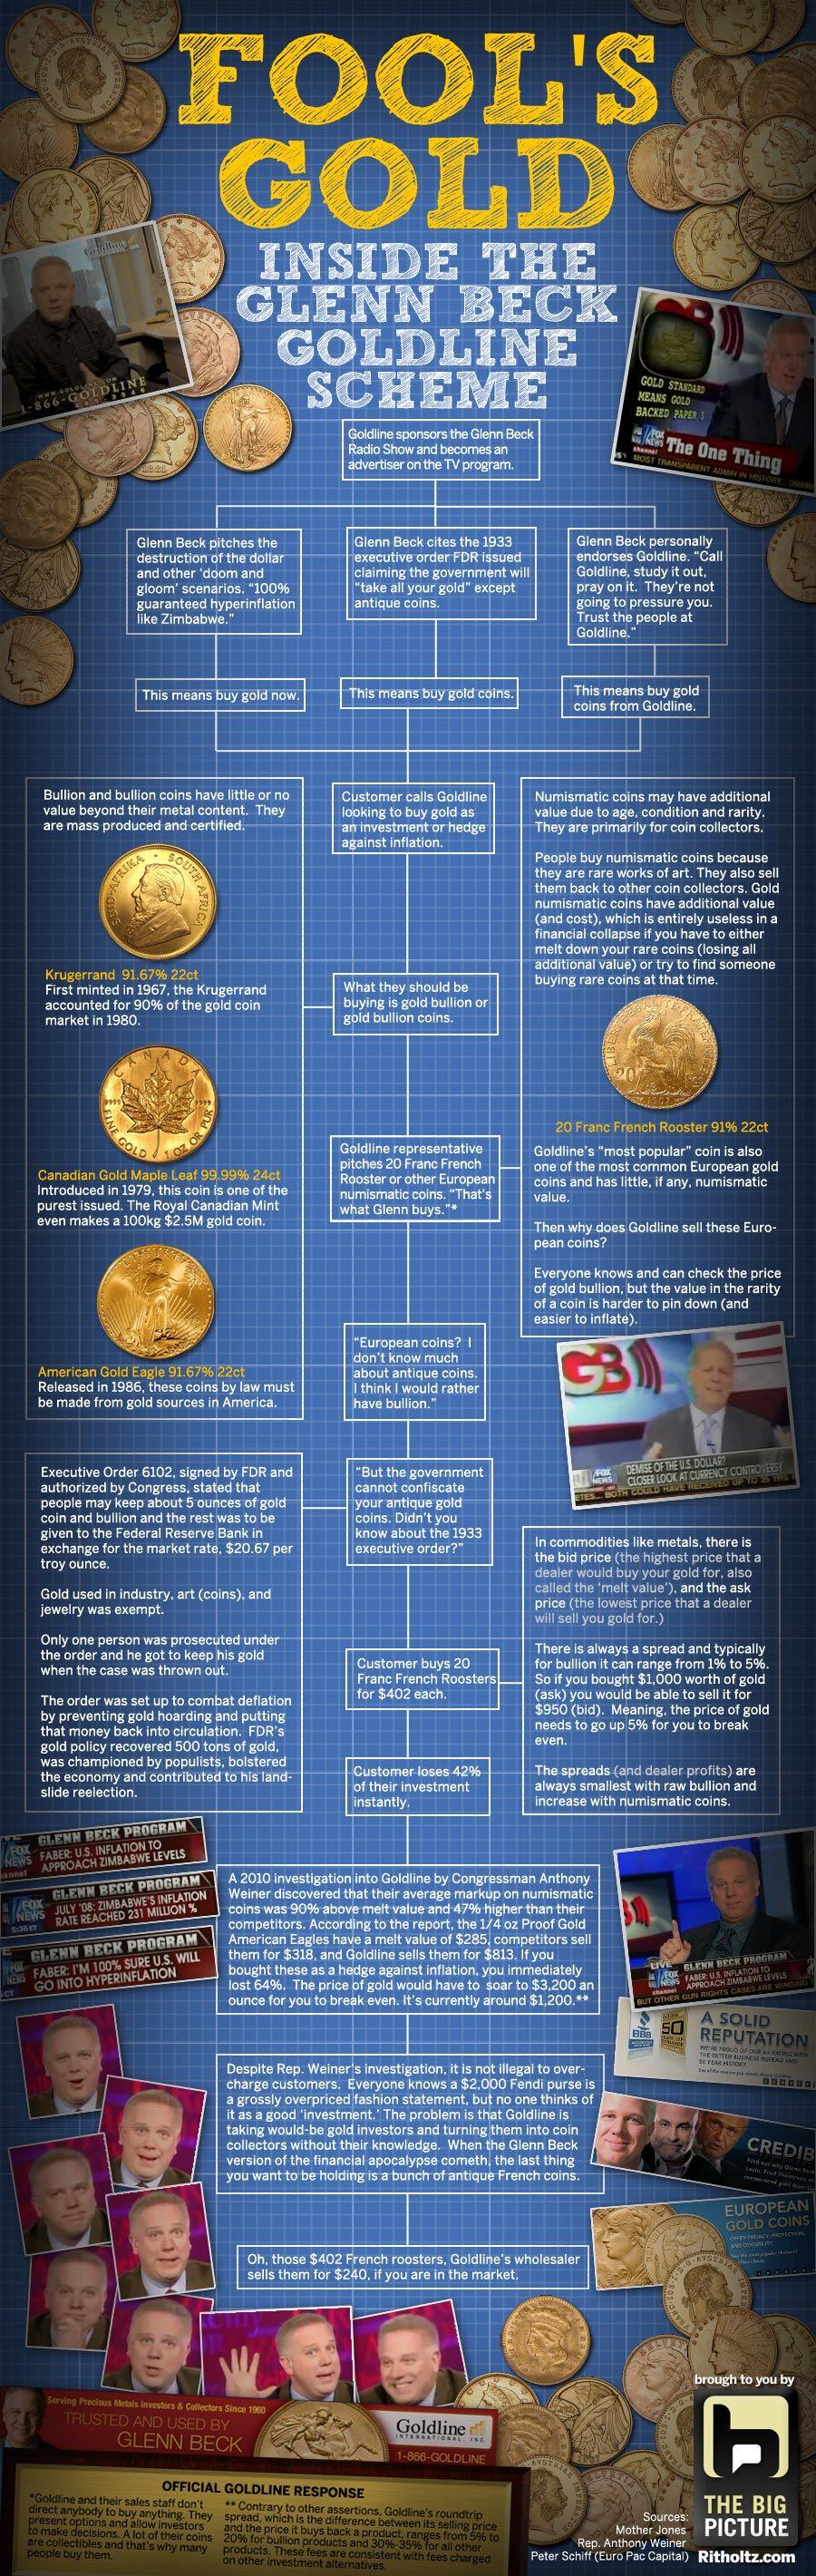 Fool's Gold: Inside the Glenn Beck/Goldline Scheme